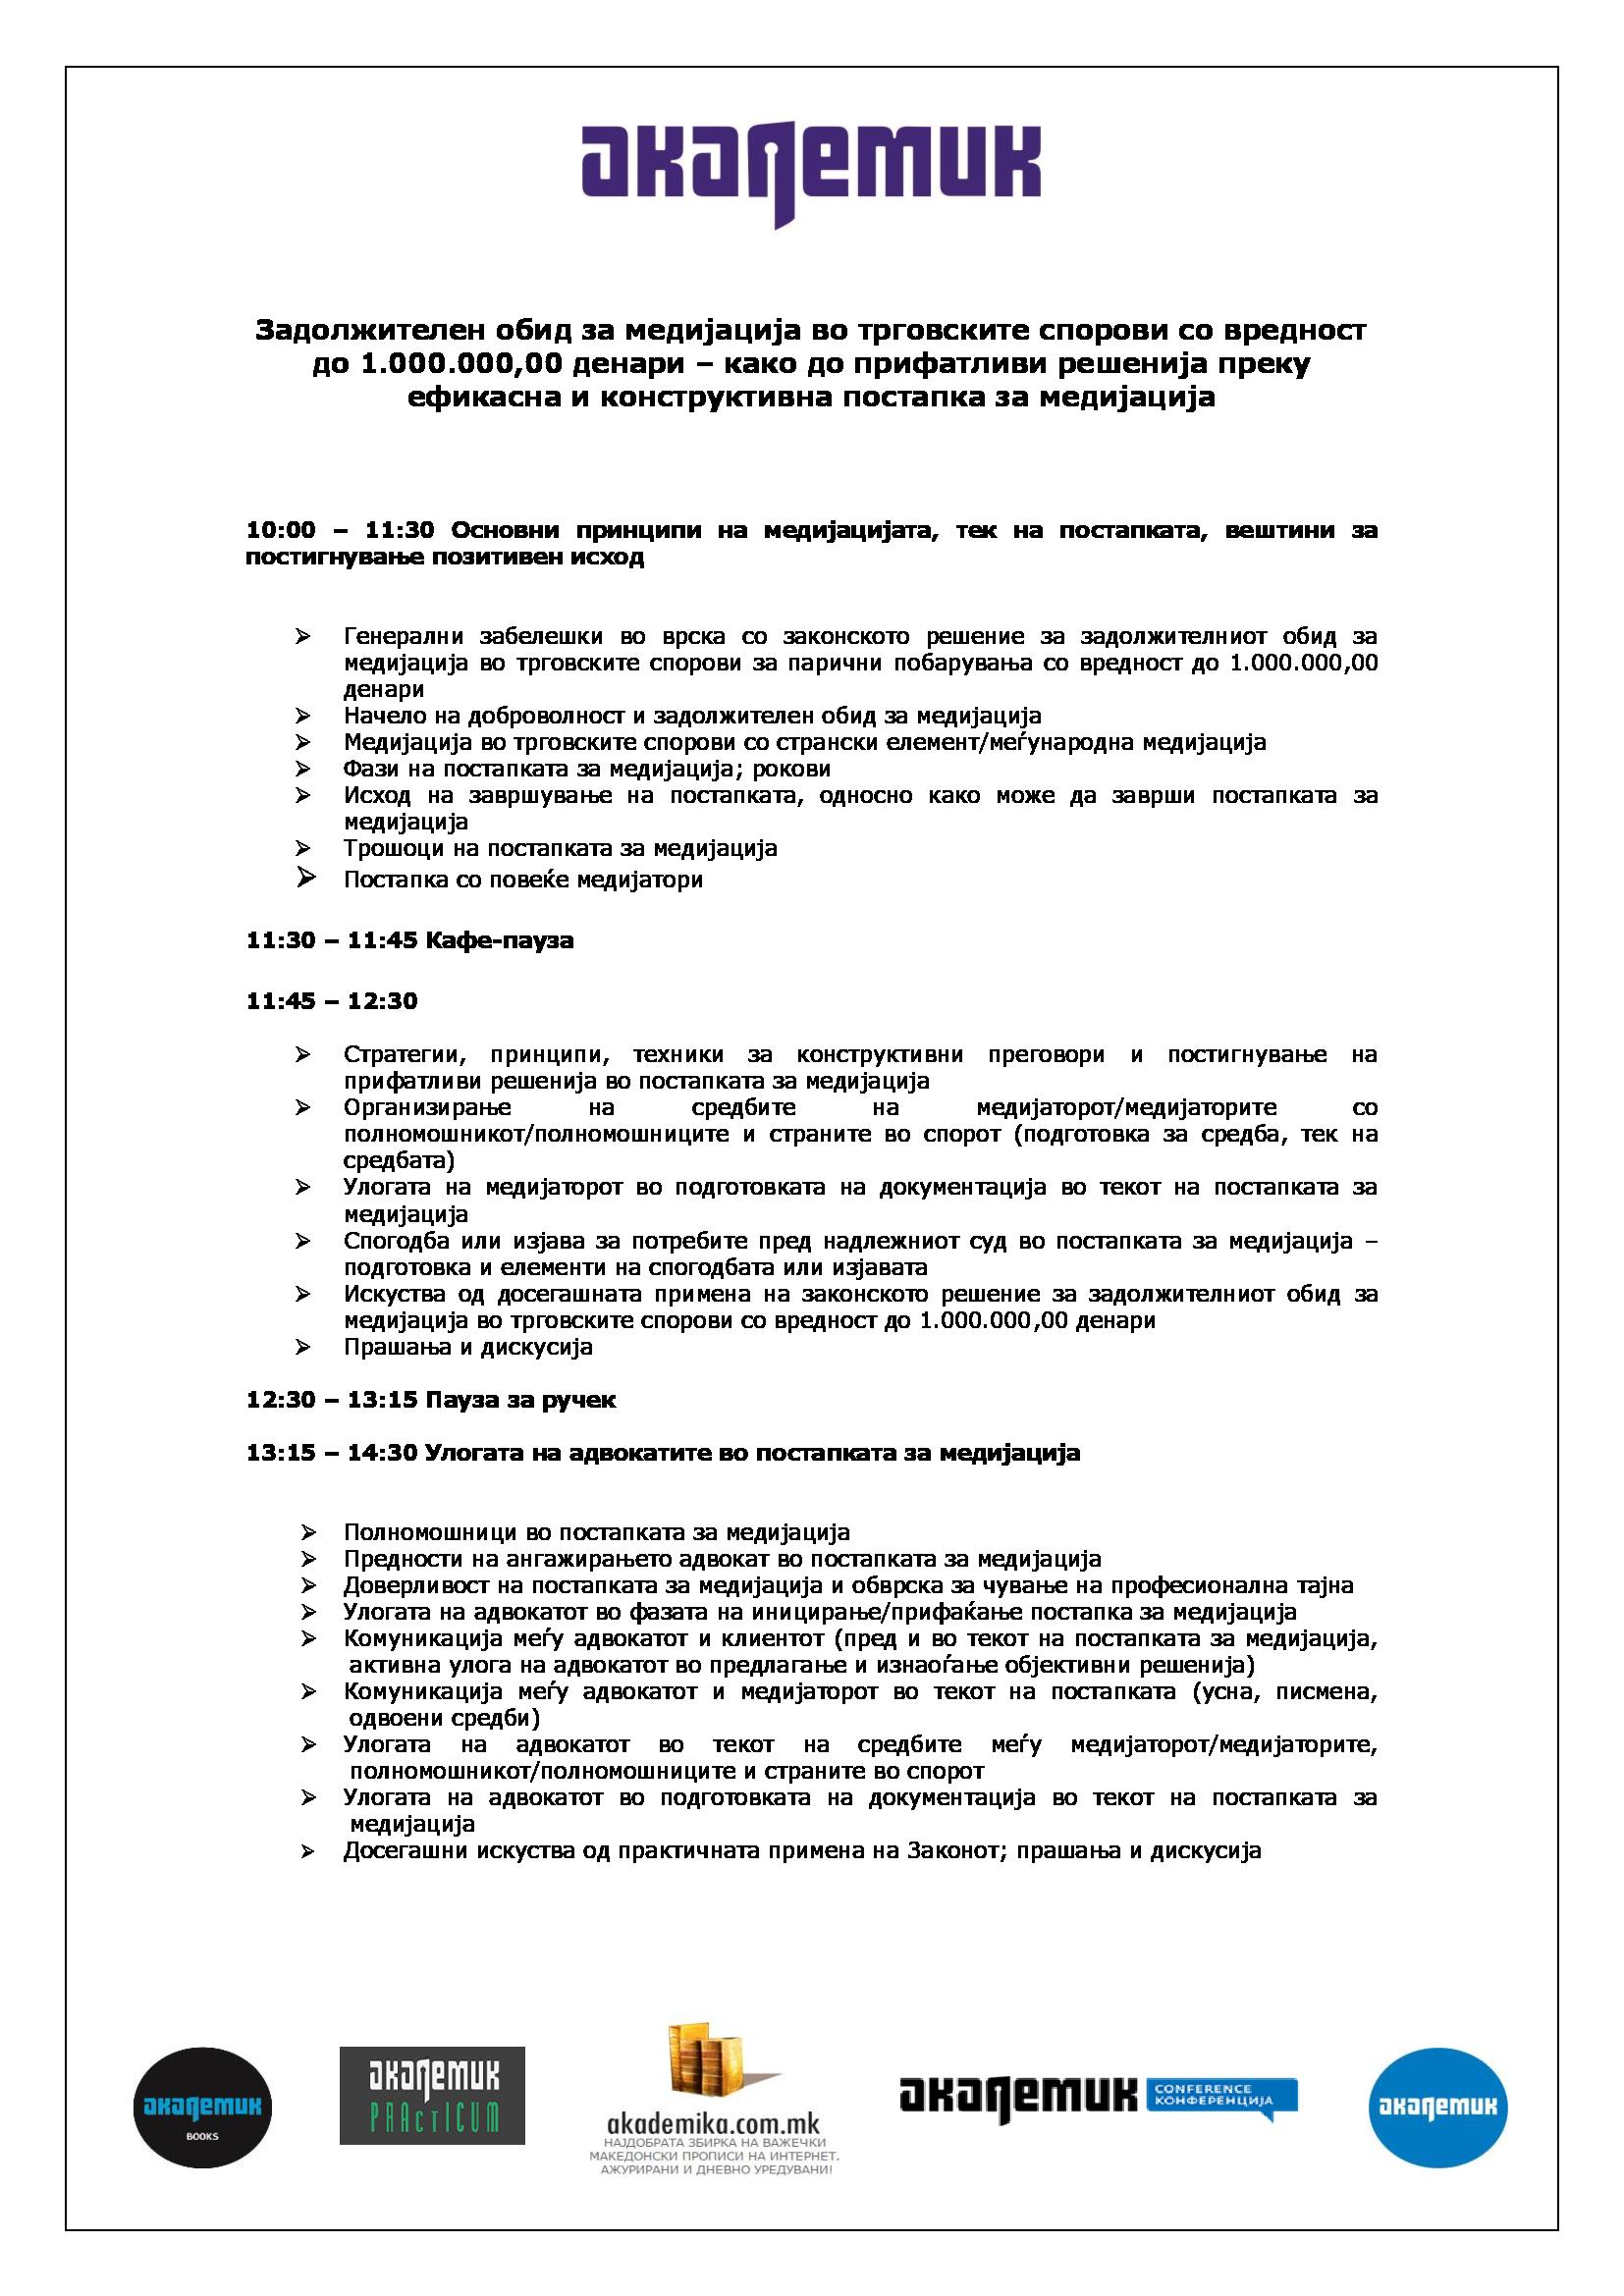 Агенда-график-медијација-прегледана